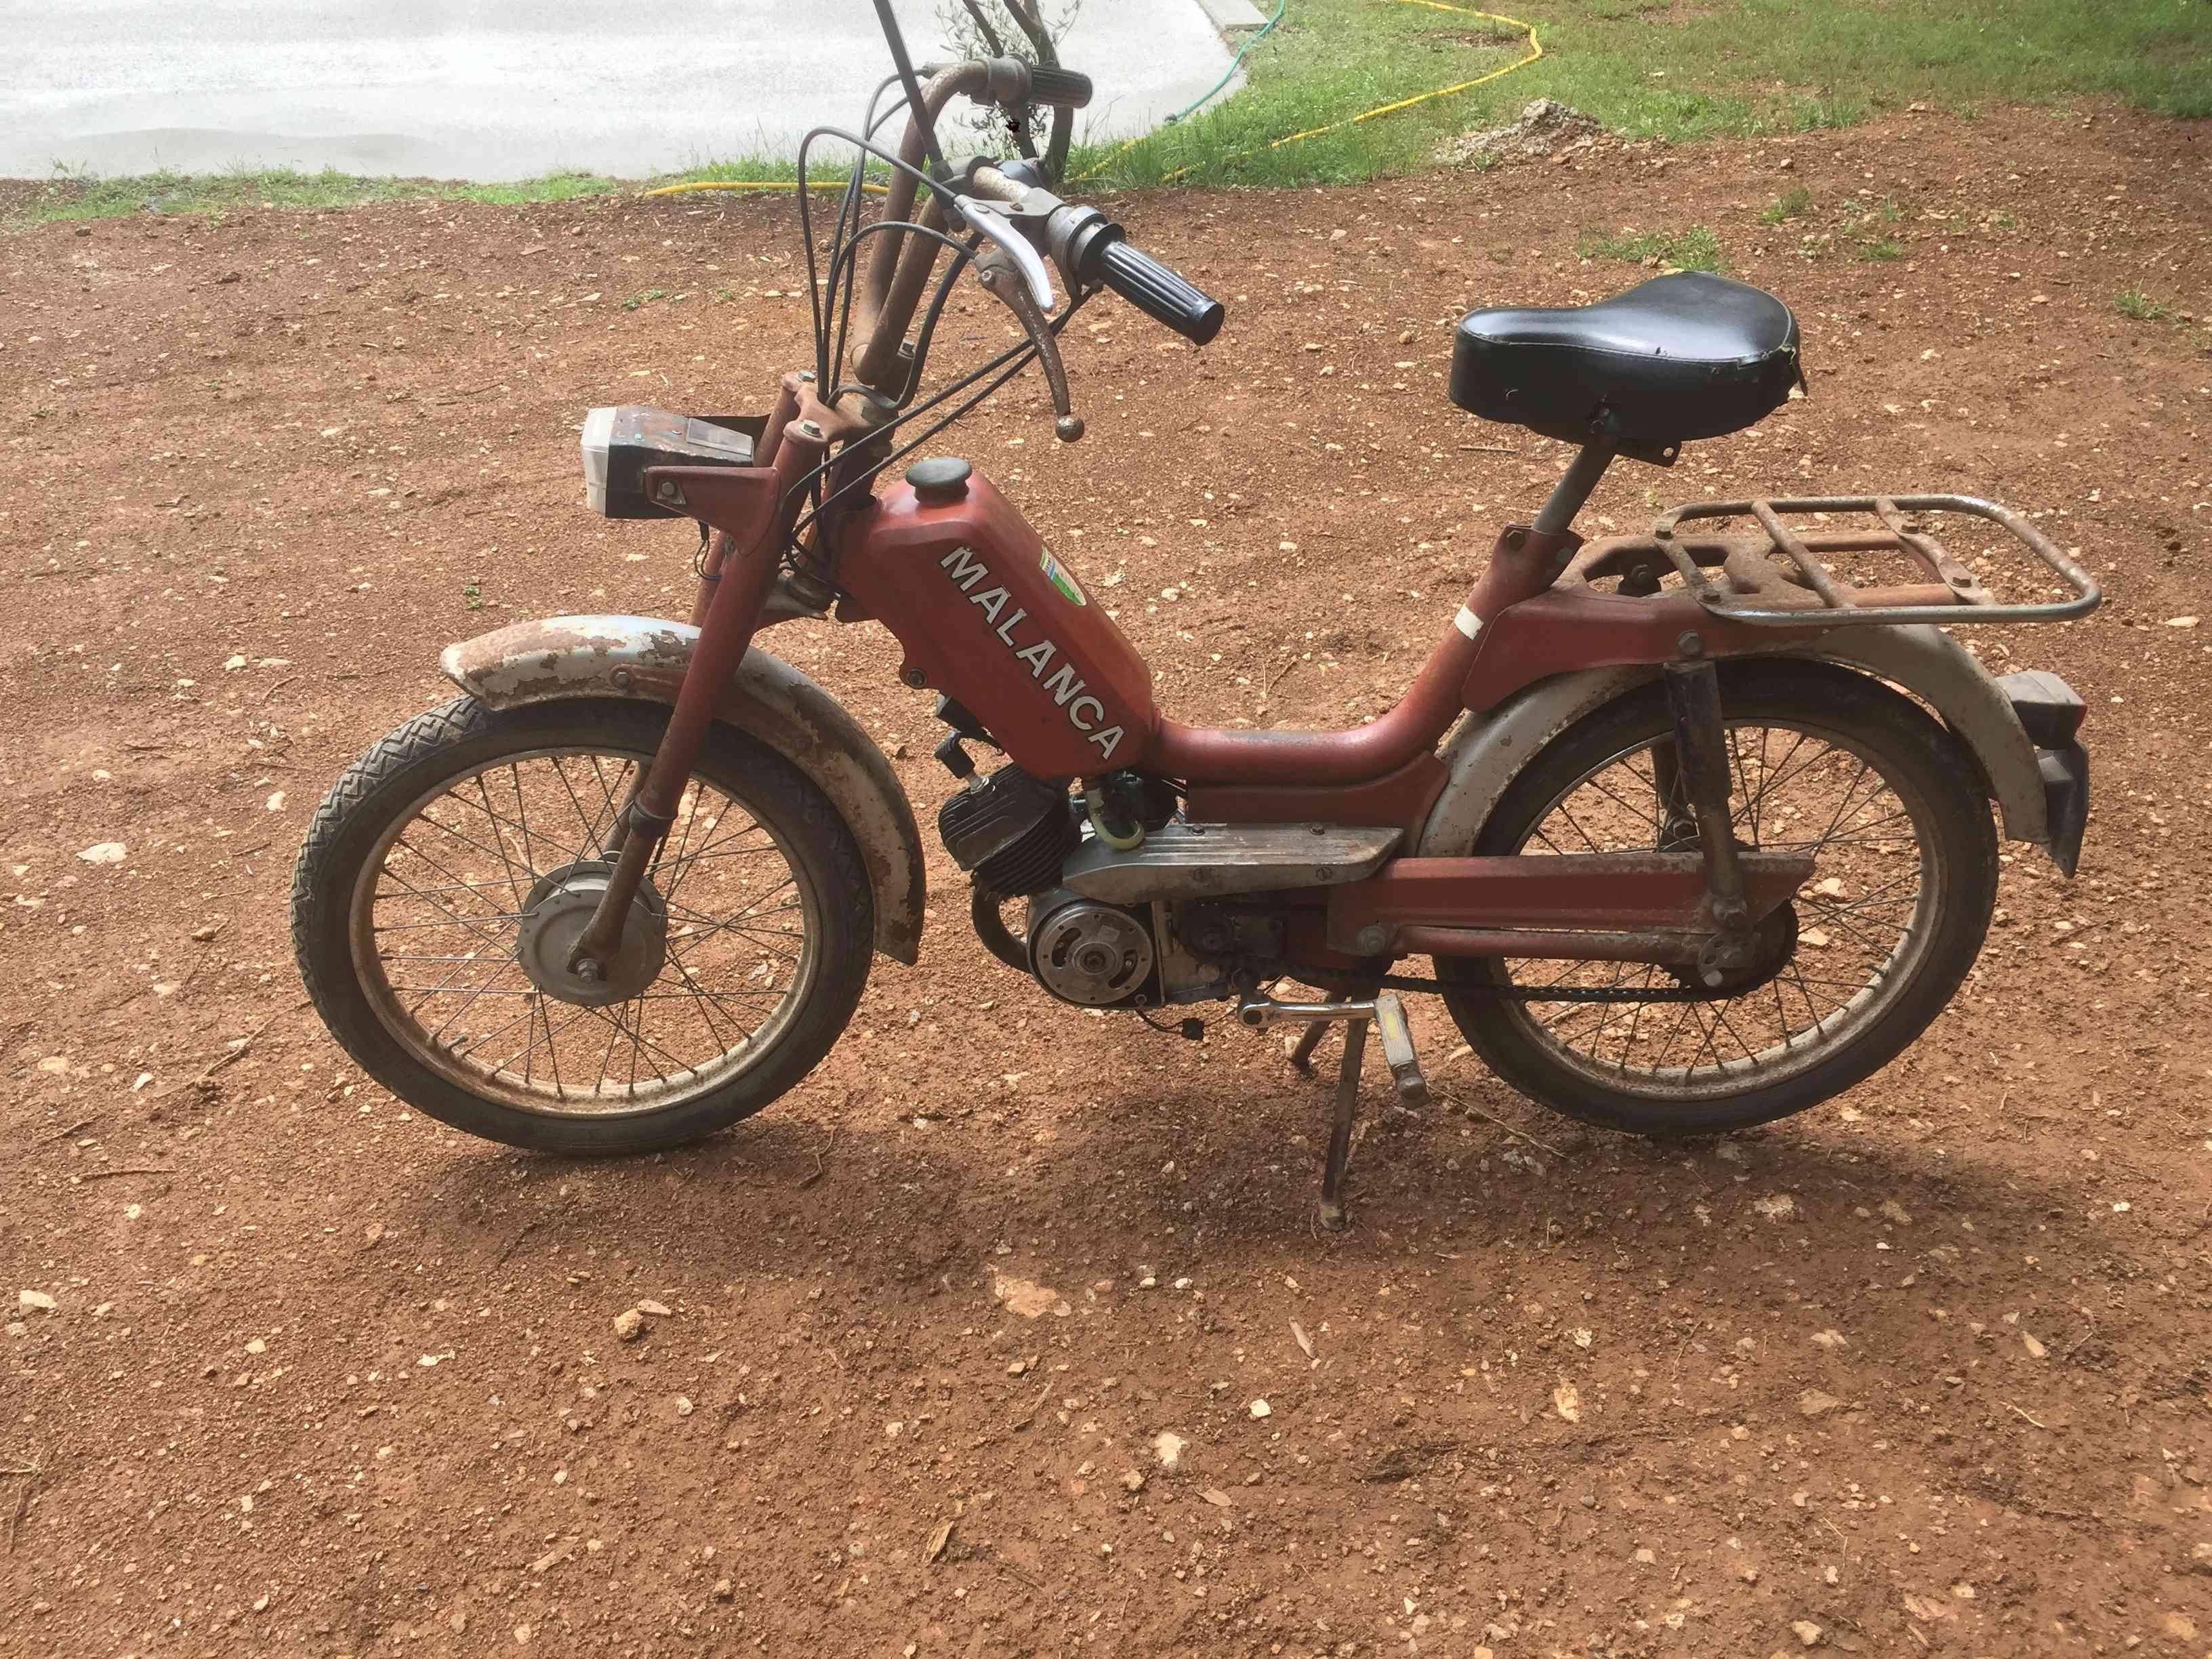 Cyclo Malanca Img_6036